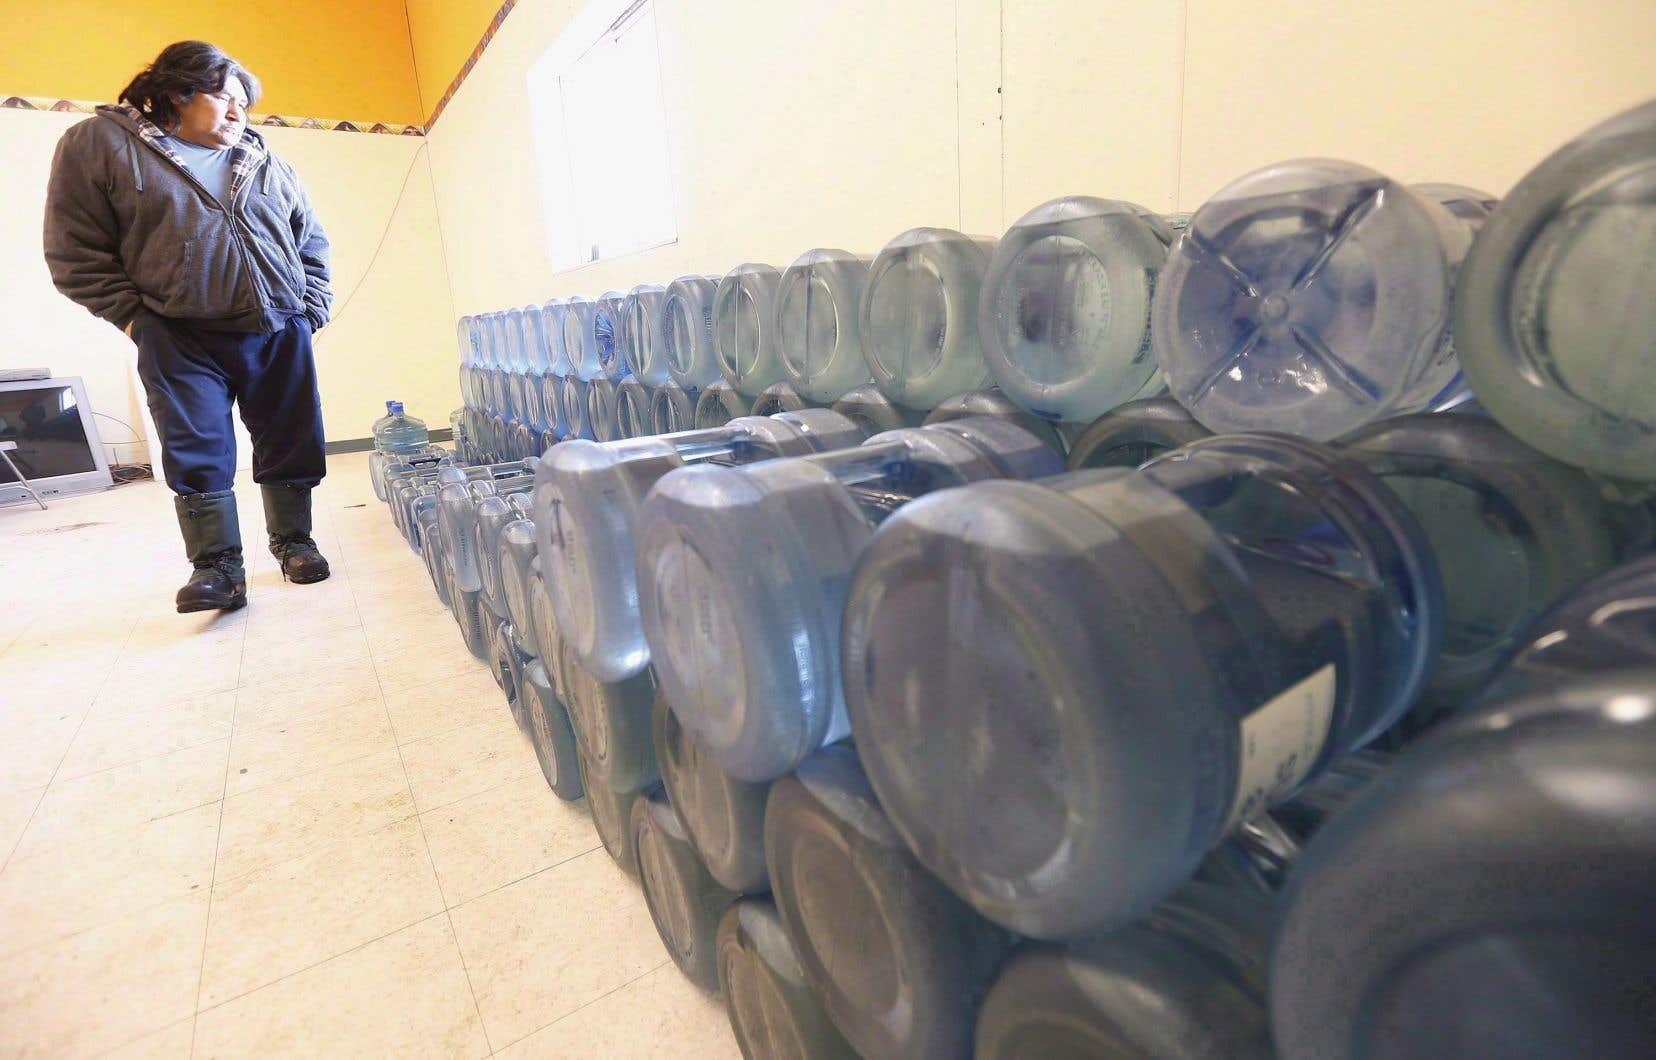 À l'heure actuelle, pas moins de 56 territoires autochtones doivent faire bouillir son eau avant consommation dans l'ensemble du pays.